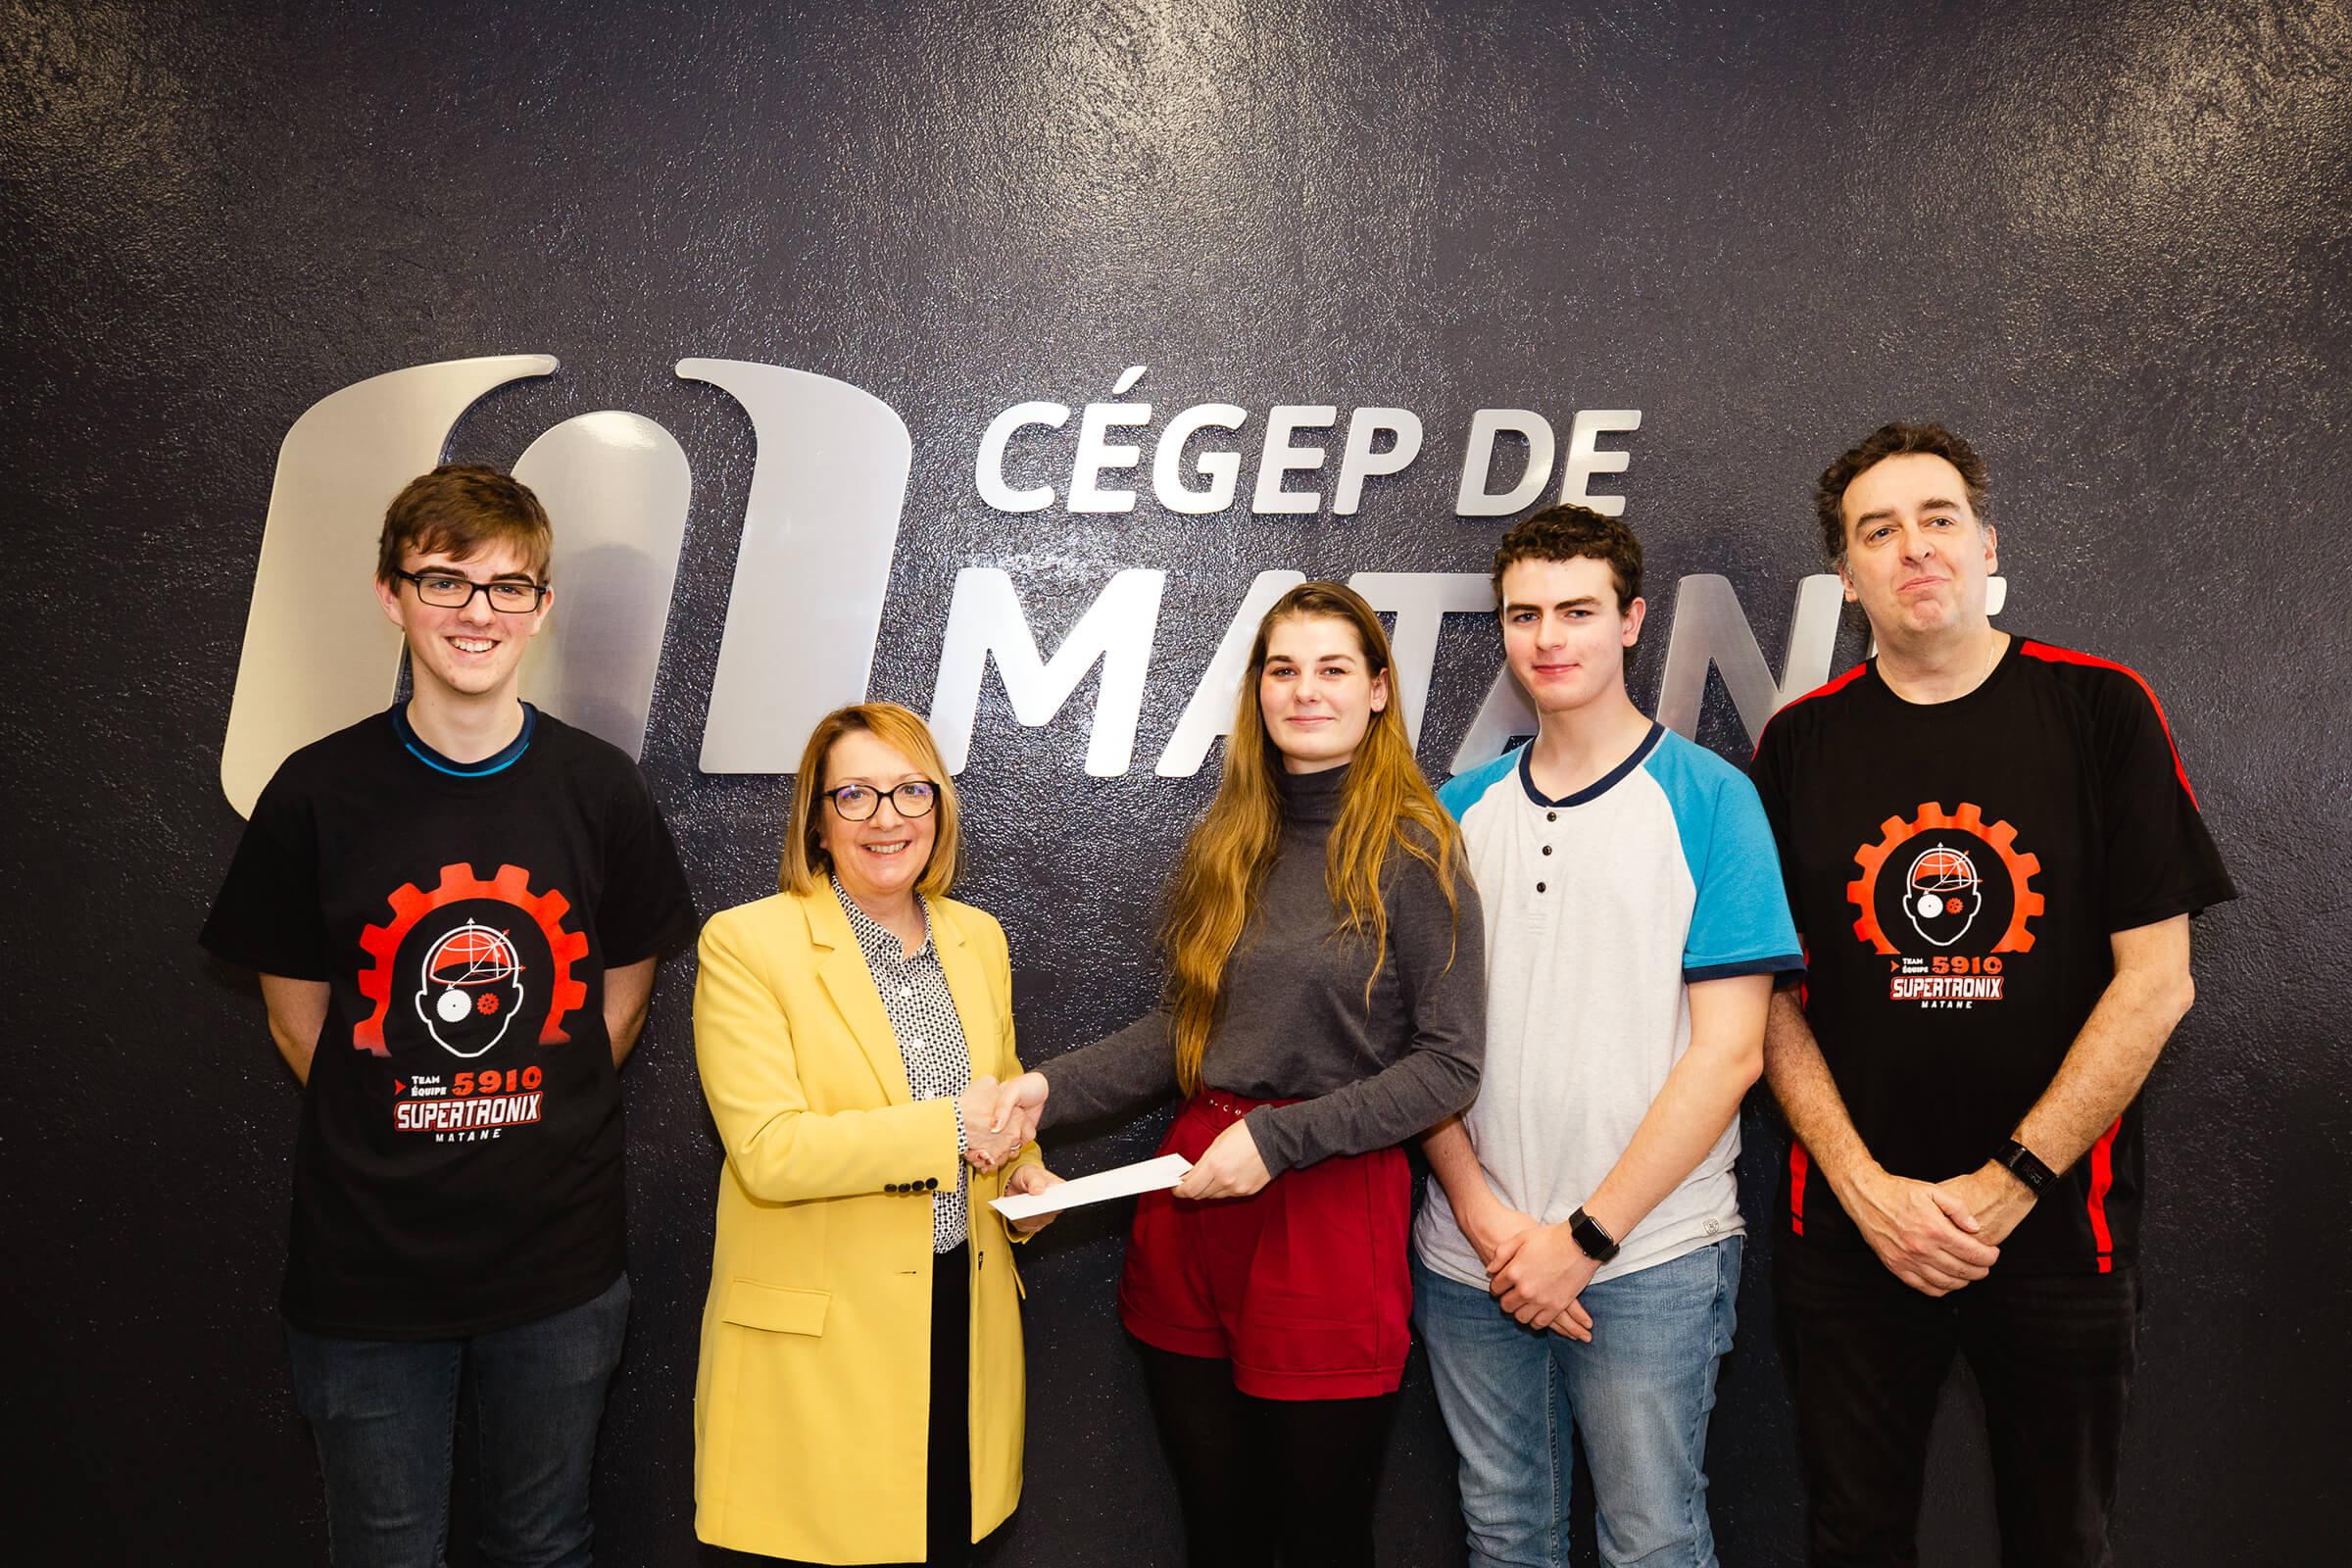 Remise de bourses d'études par la Fondation du Cégep de Matane